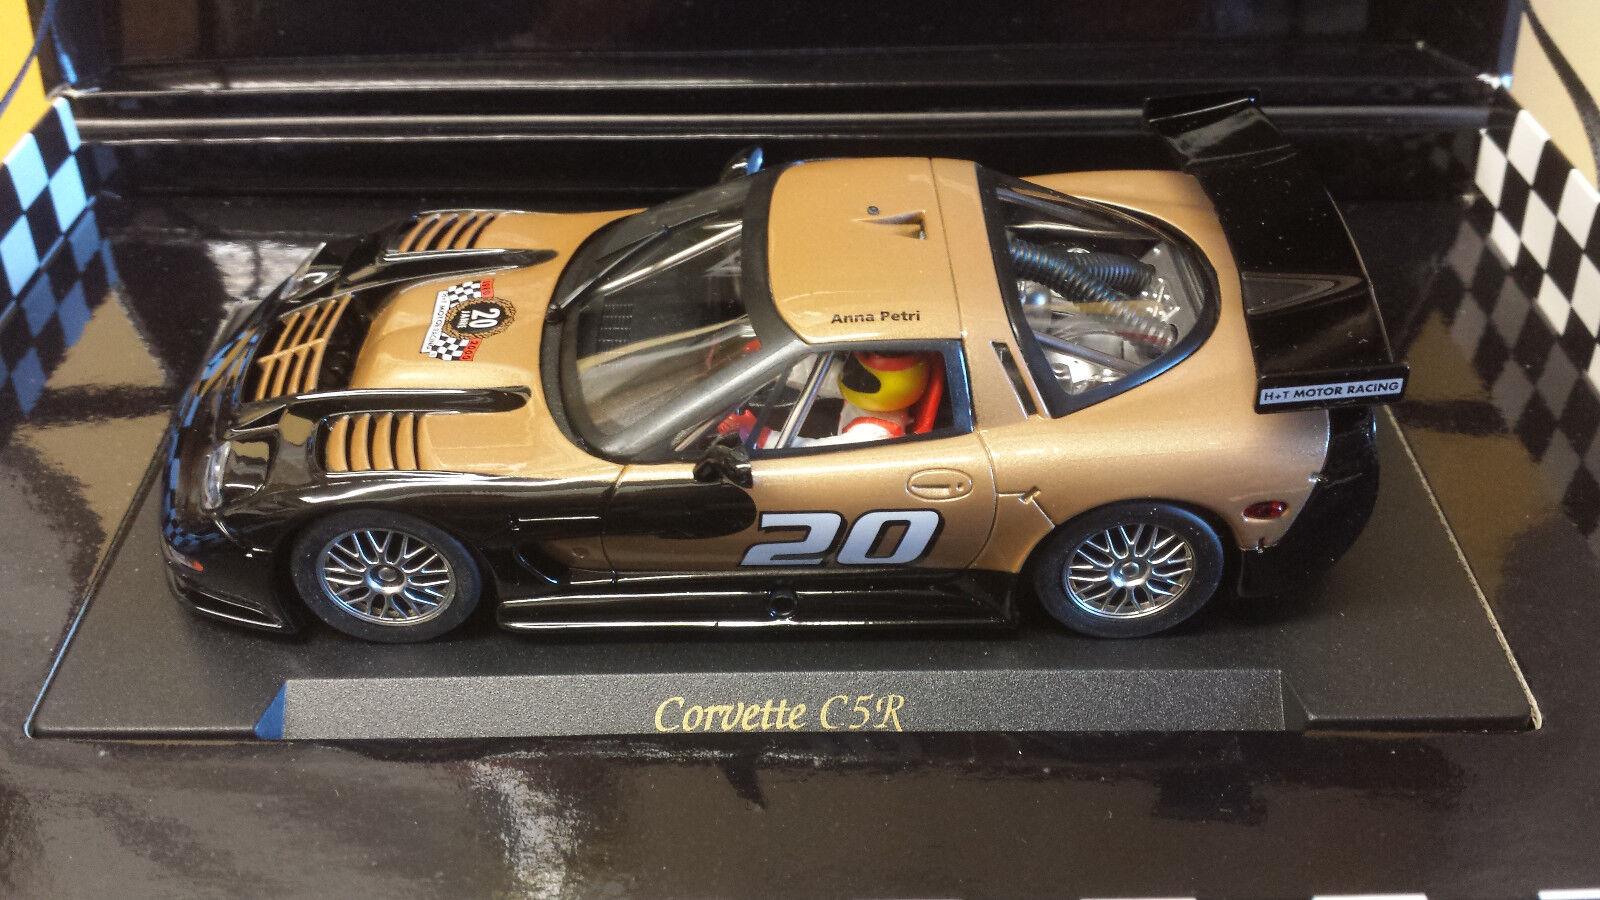 FLY E122 CORVETTE C5R H+T MOTOR RACING 1980 - 2000 ANNIVERSARY LTD. ED.